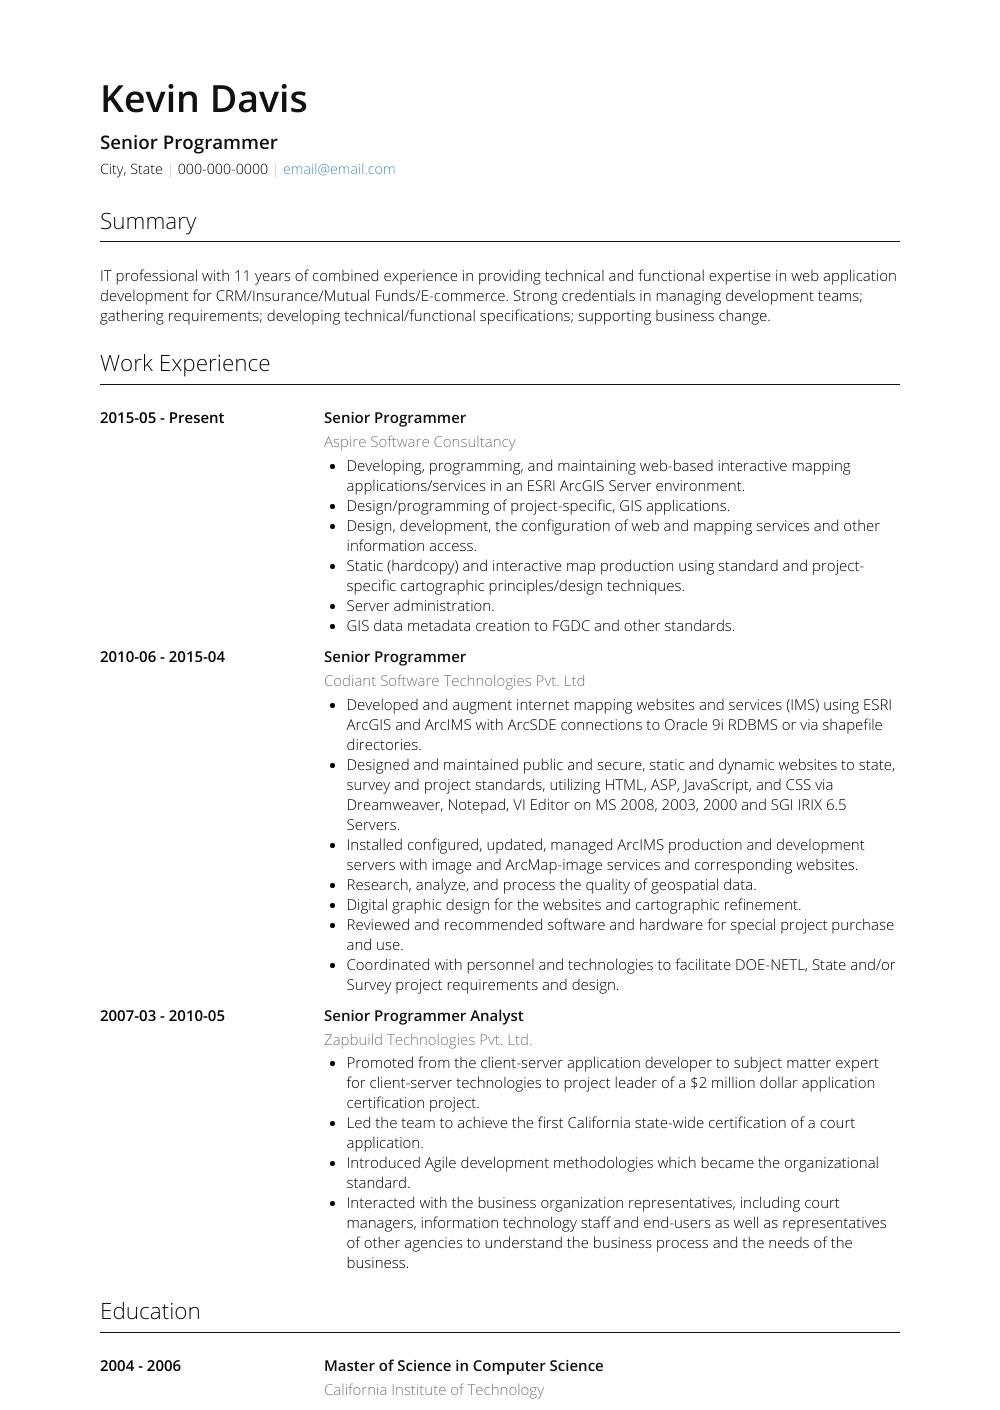 Senior Programmer View Sample